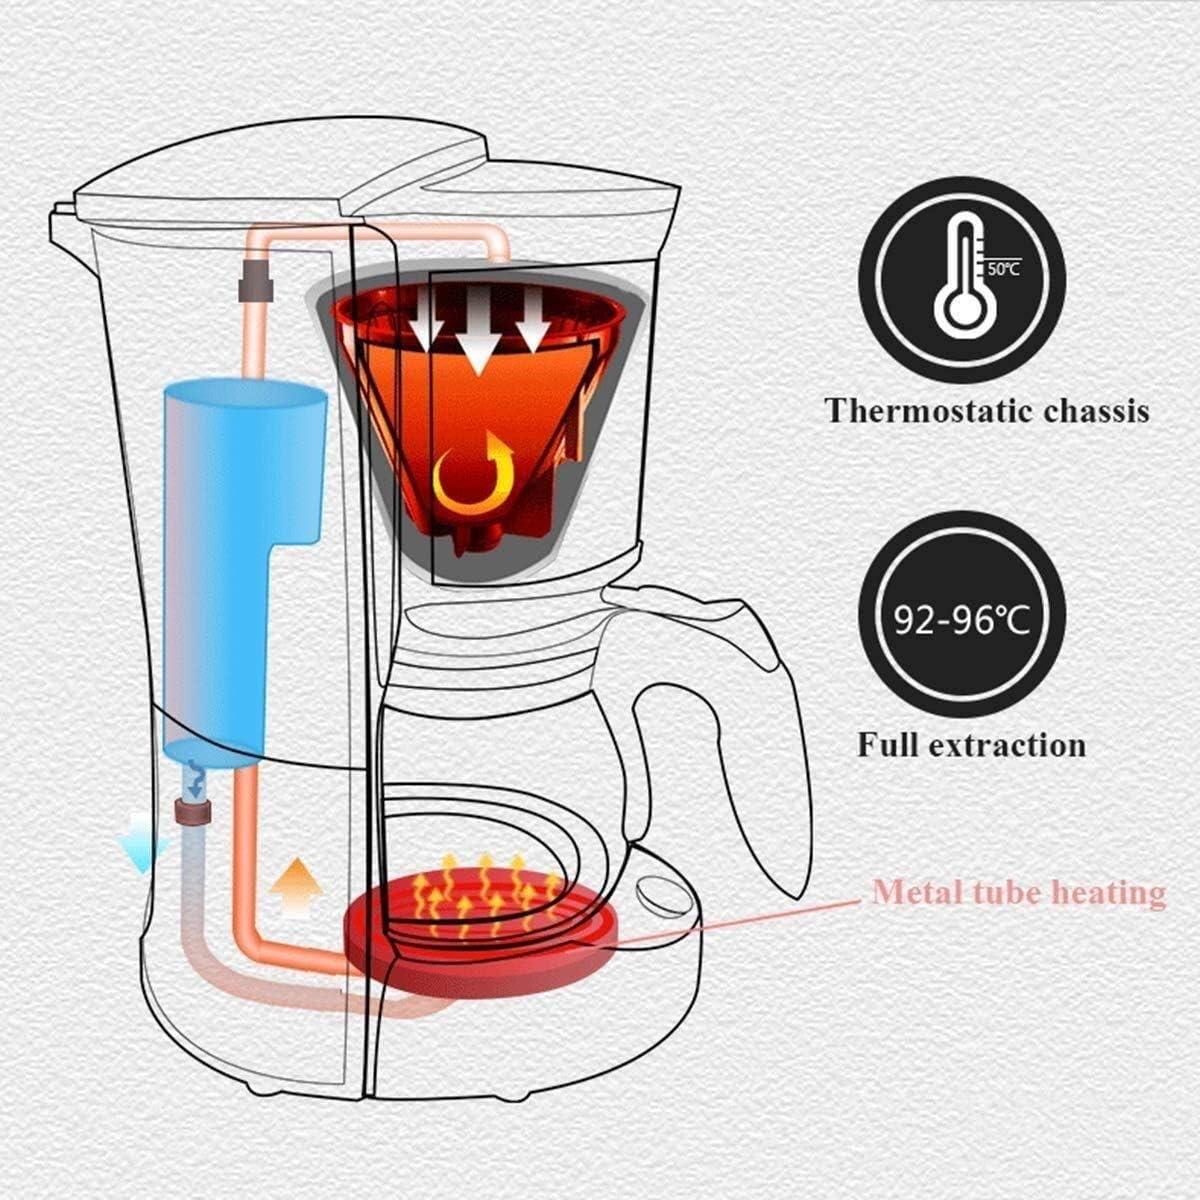 Filtre machine à café, garder anti-goutte conception 0.6L chaud filtre amovible pour 5 tasses moulins à café (Couleur, Rose),noir Argent